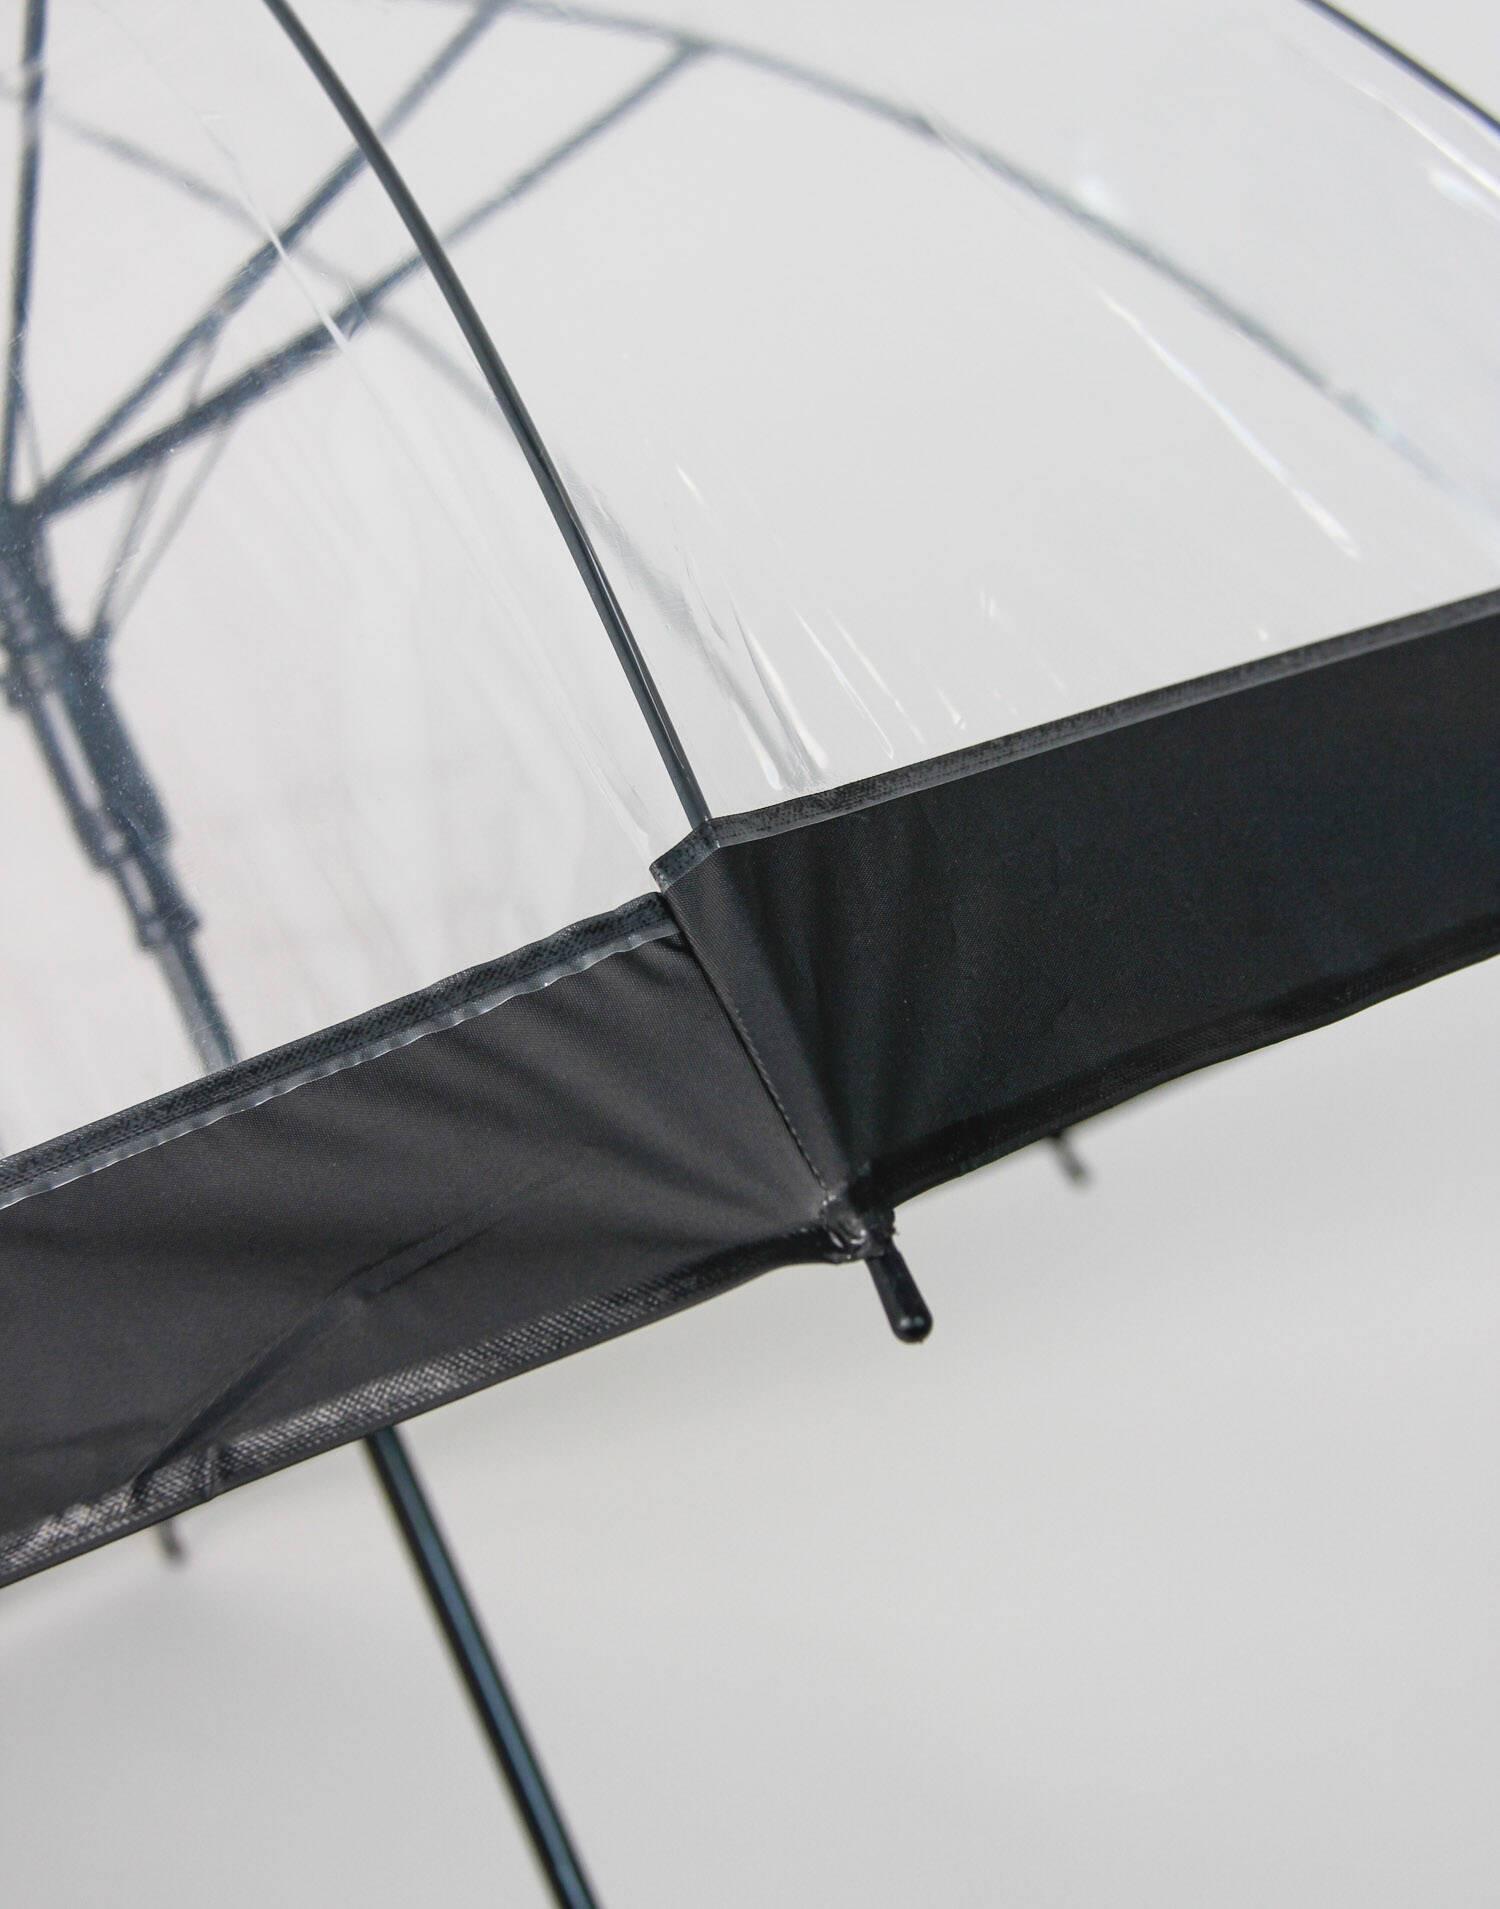 Transparent bubble umbrella